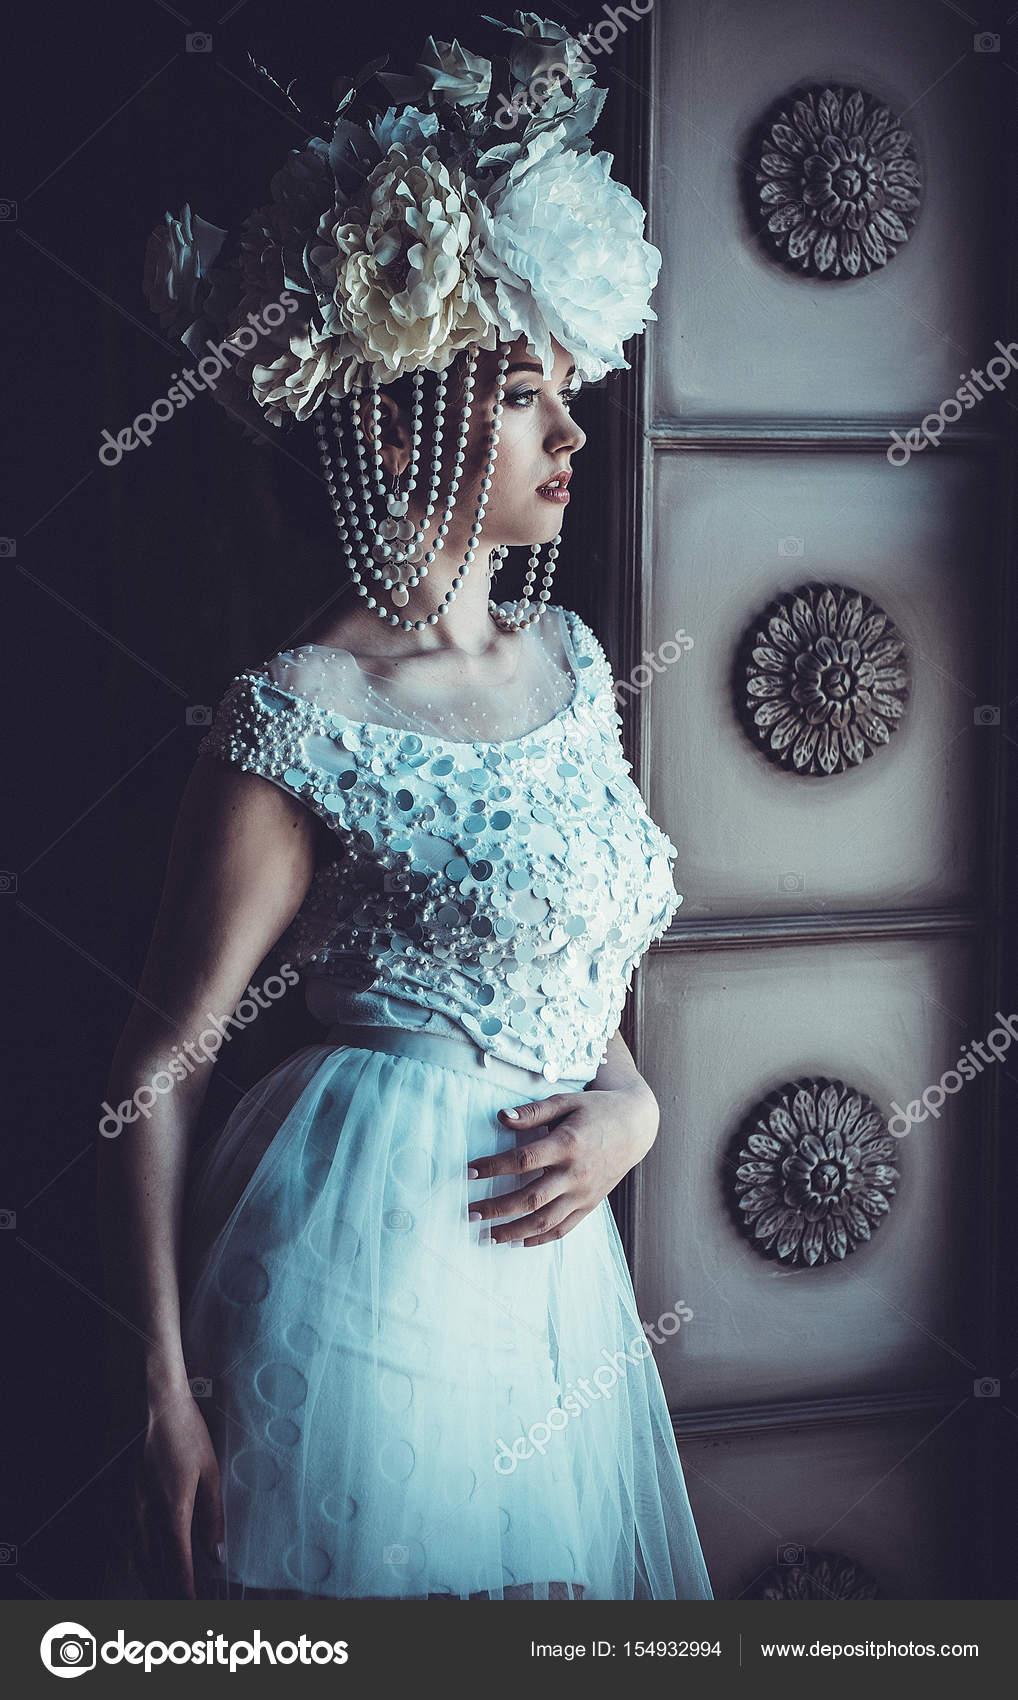 02165d54e82 Elegantní svatební šaty a korunka. Nádherná mladá žena. Nabídka nevěsta v  luxusním paláci — Fotografie od kanareva